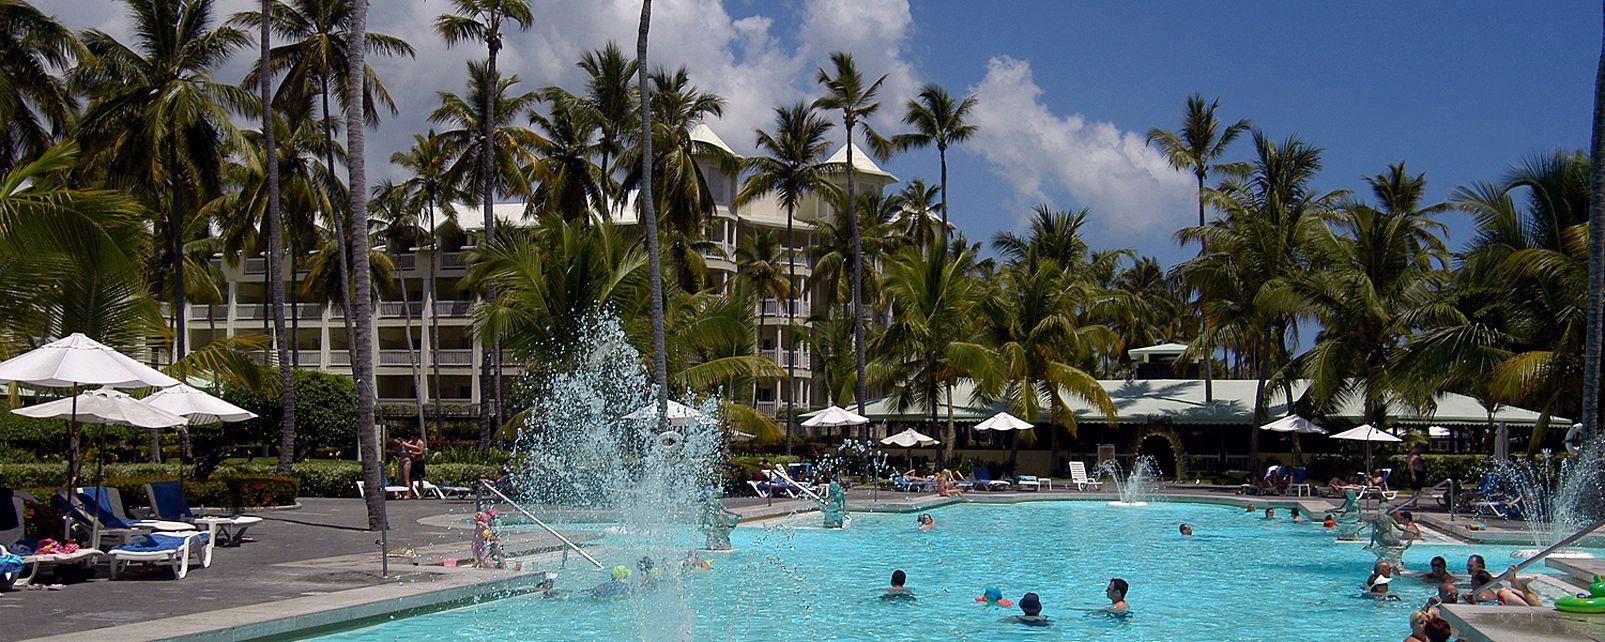 Hotel riu naiboa all inclusive hotel punta cana - Hotel Riu Palace Macao